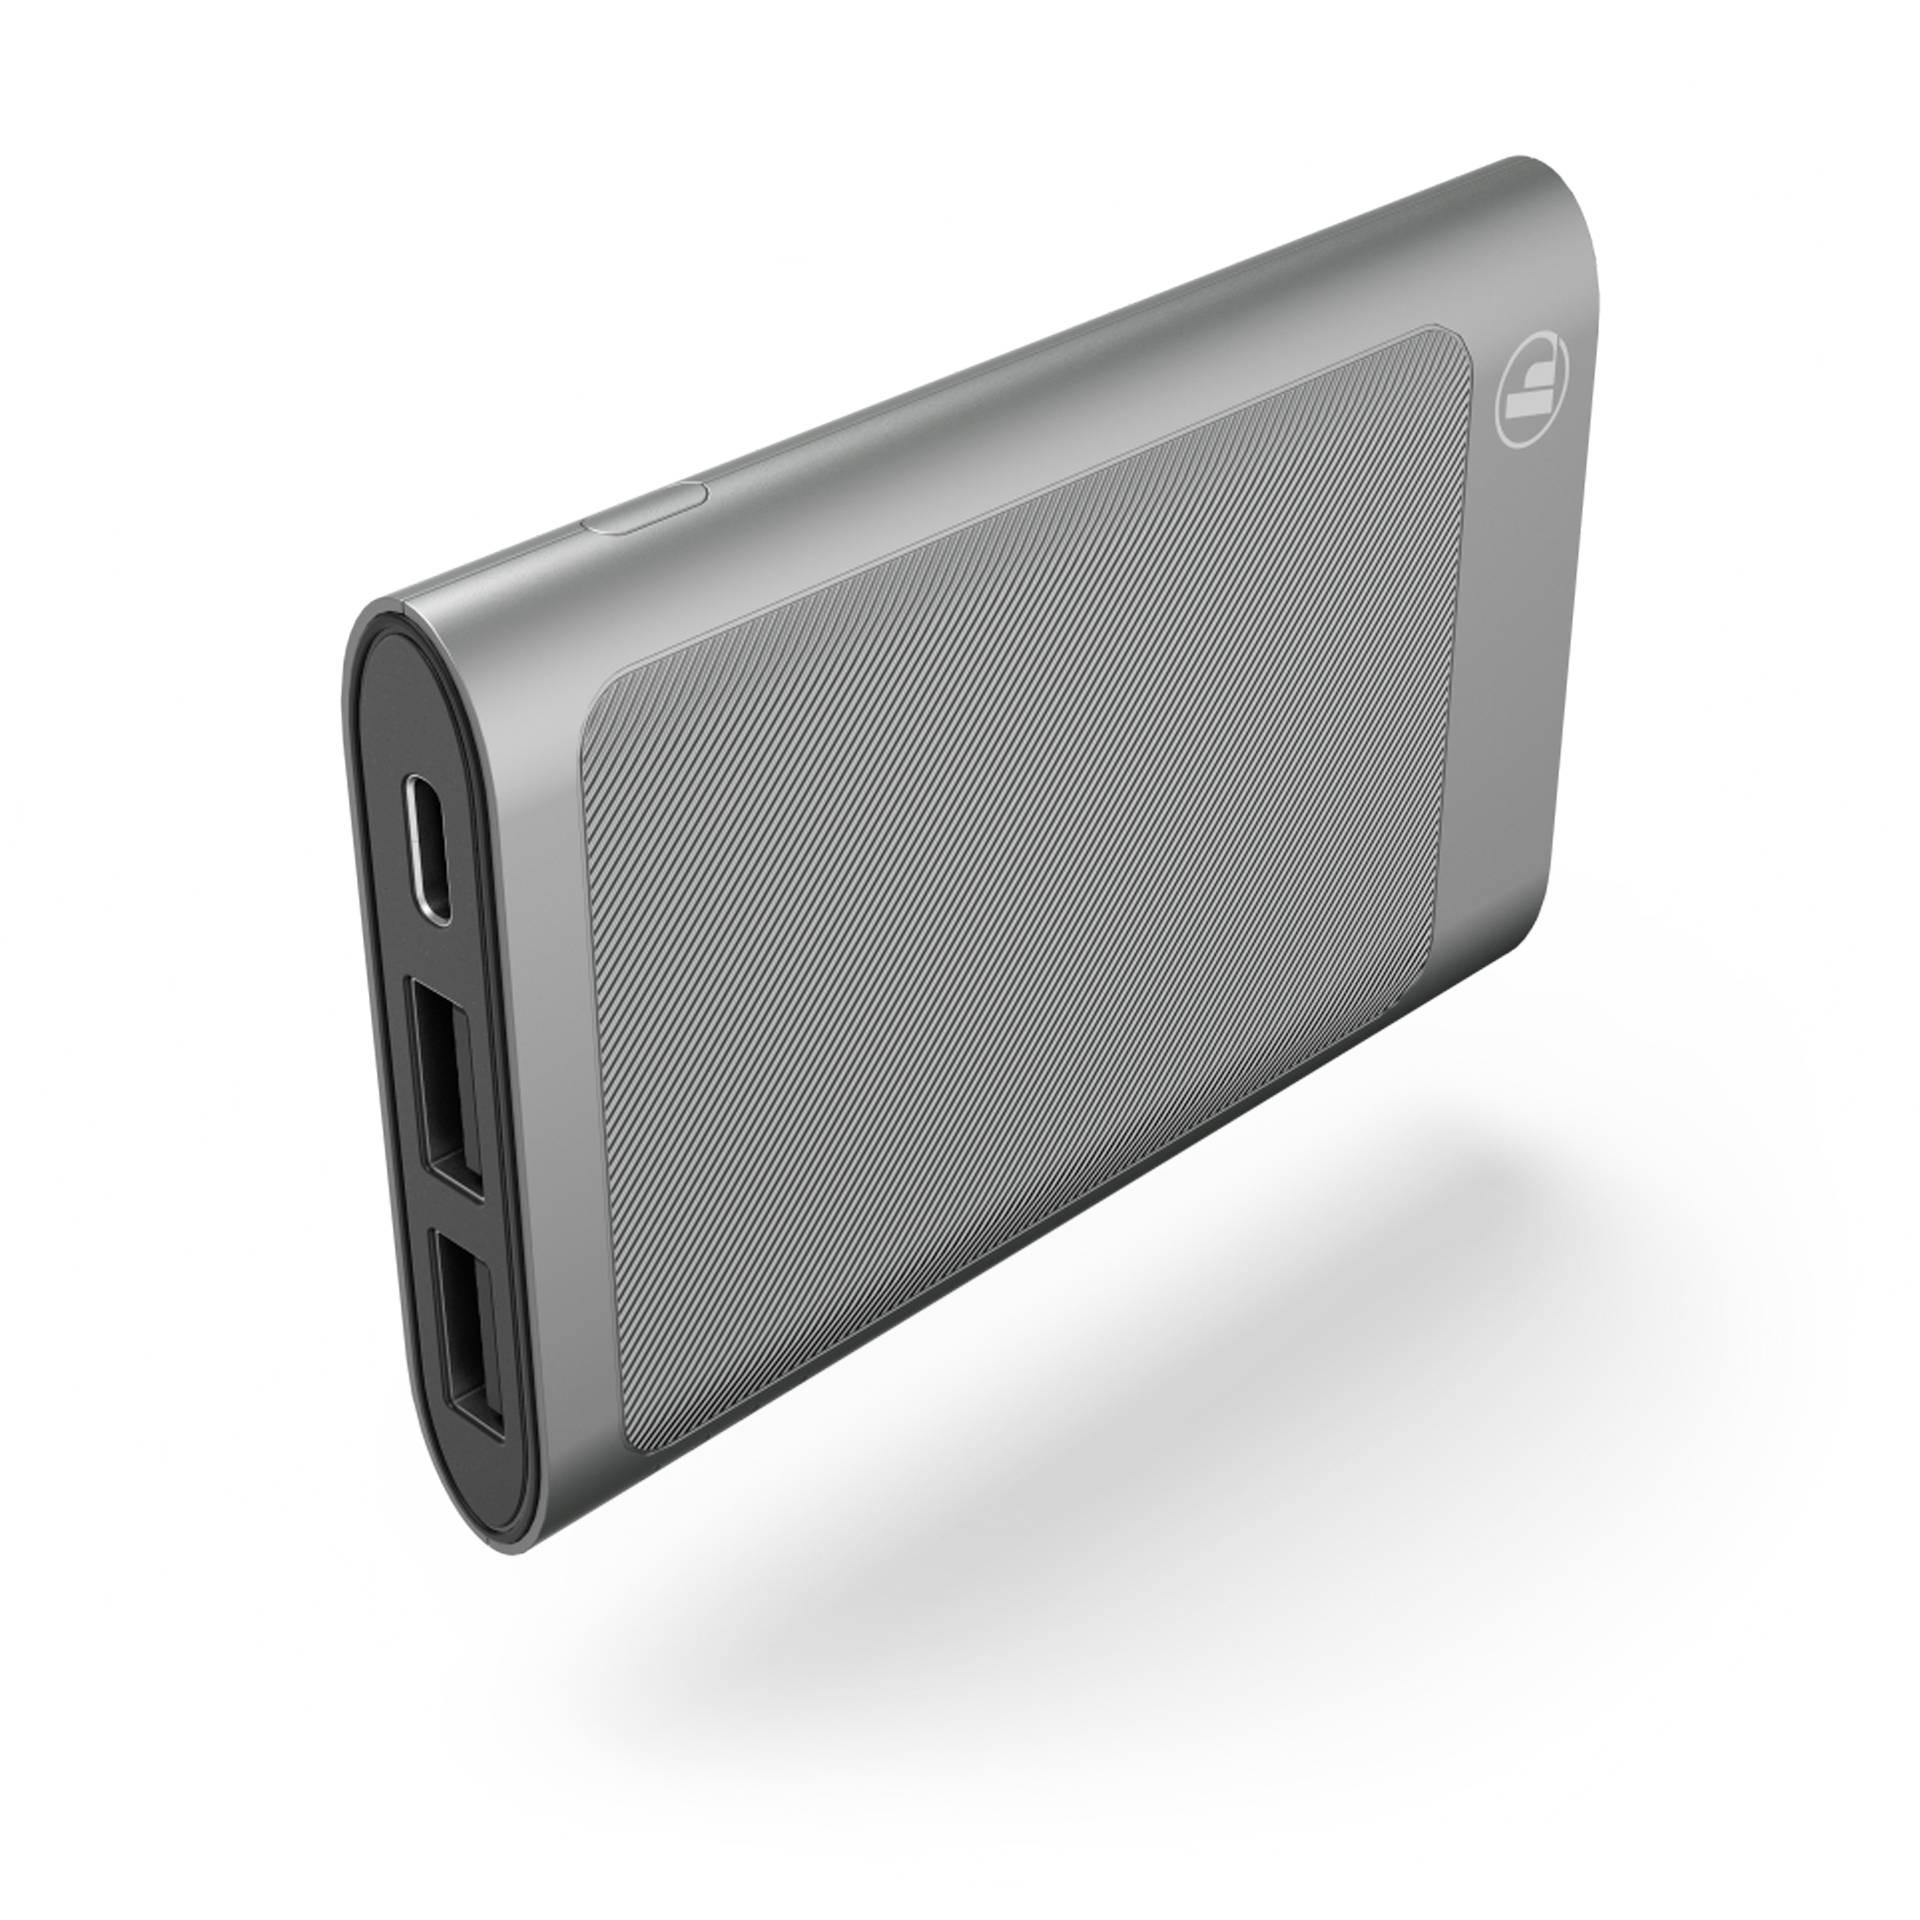 Hama Power Pack HD-5 5000mAh anthracite